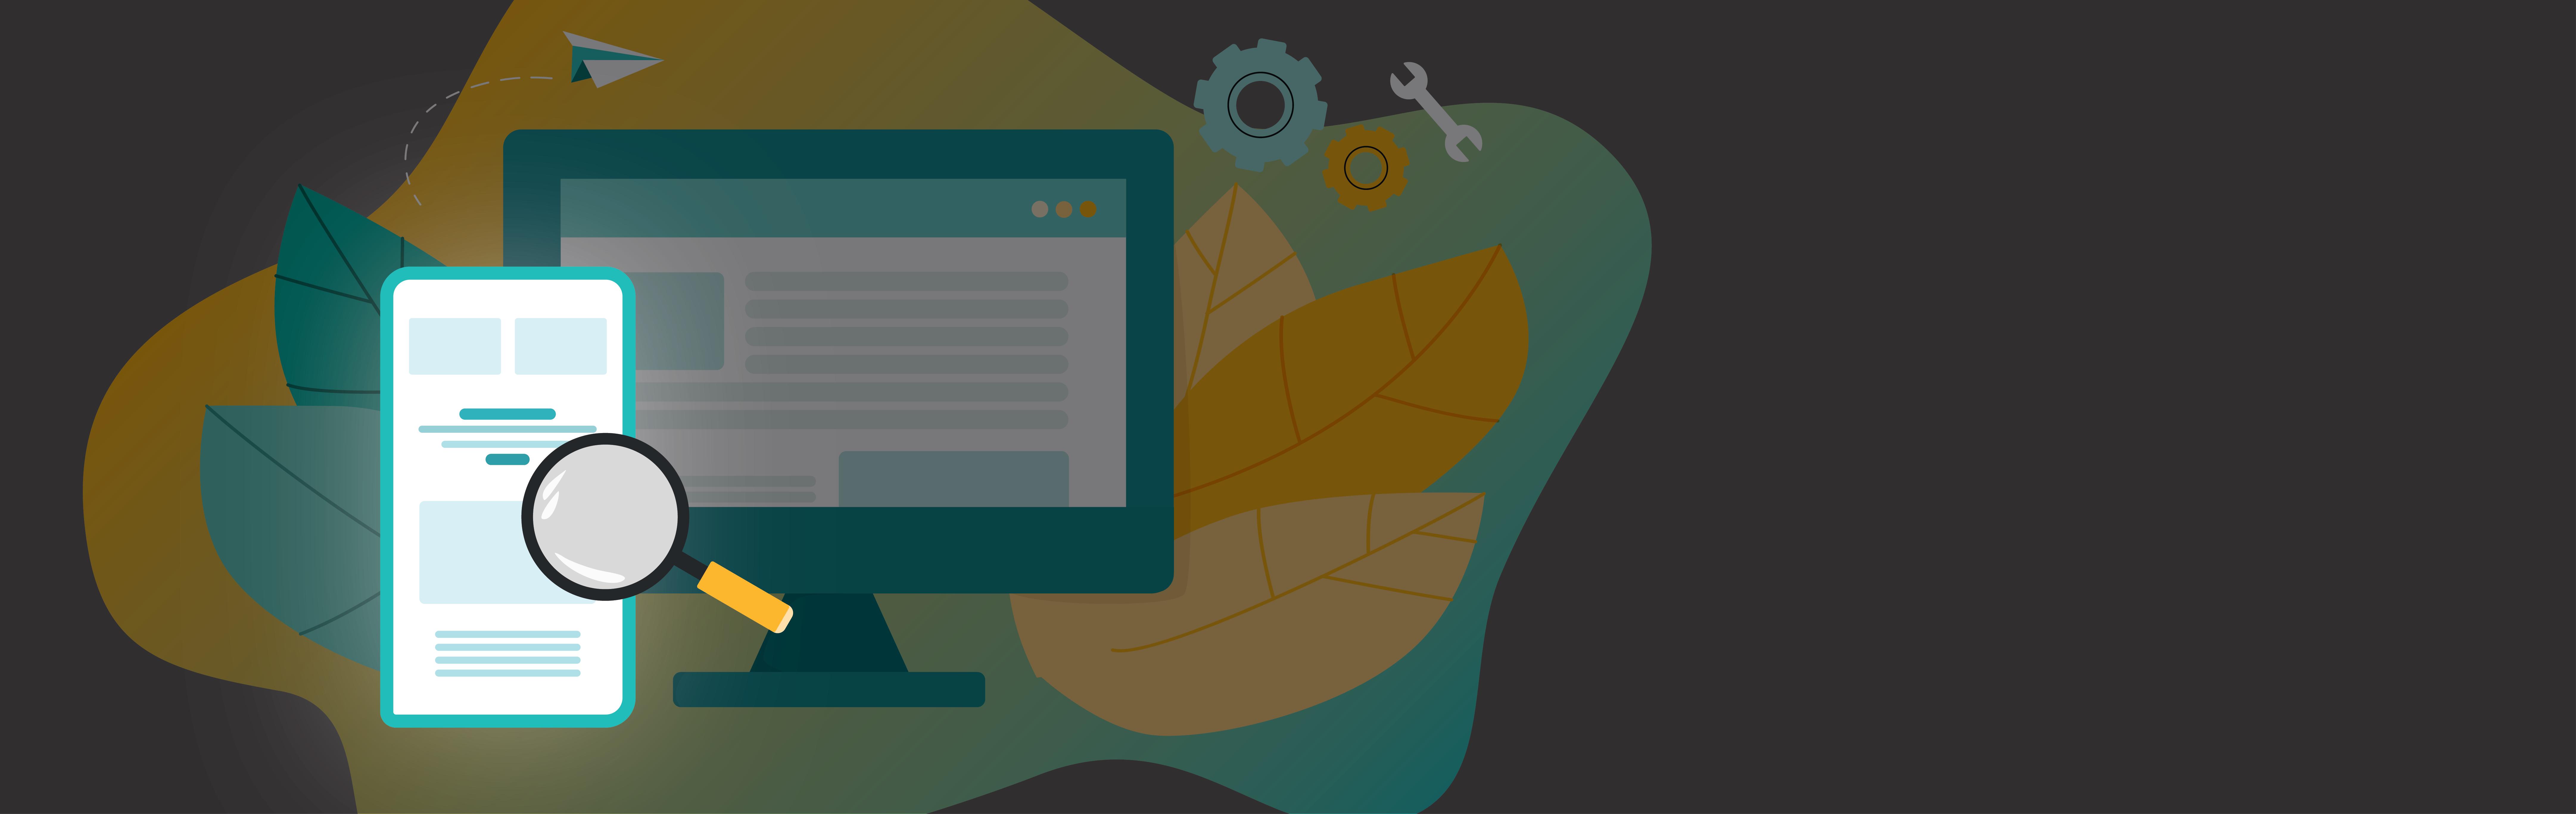 Is Your Website at Risk? Google Sets Deadline for Mobile-First Web Design